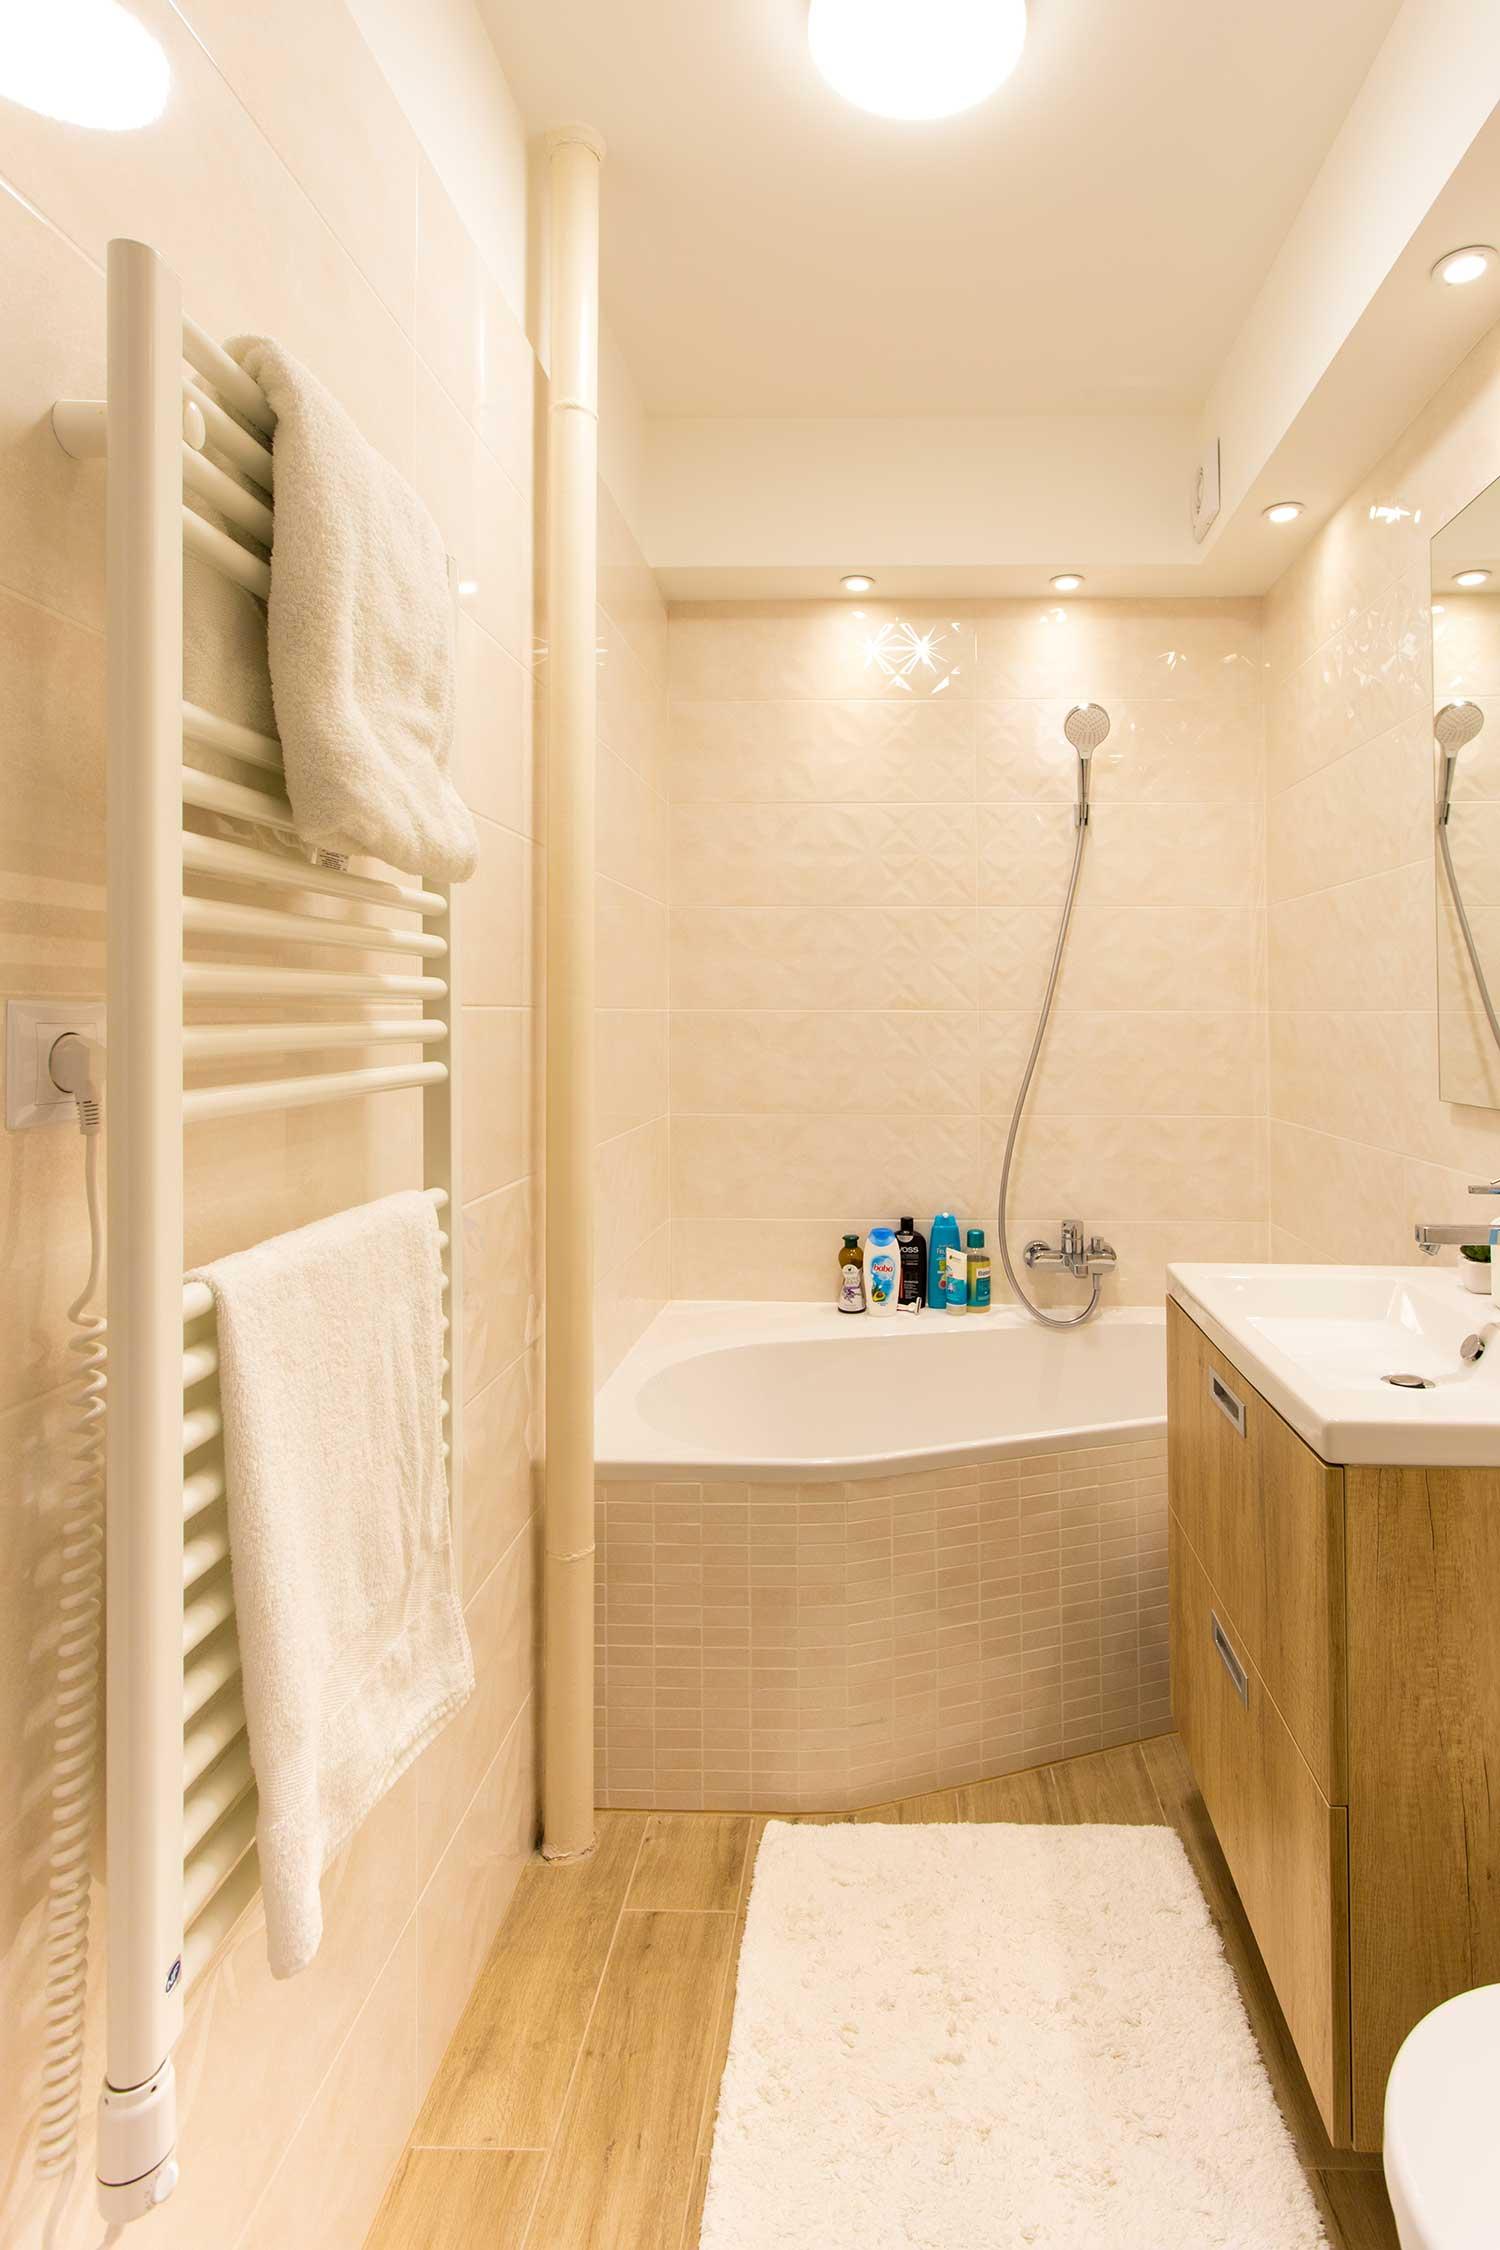 Panellakás a város felett - fürdőszoba, teljes átalakítás, díszítő ...